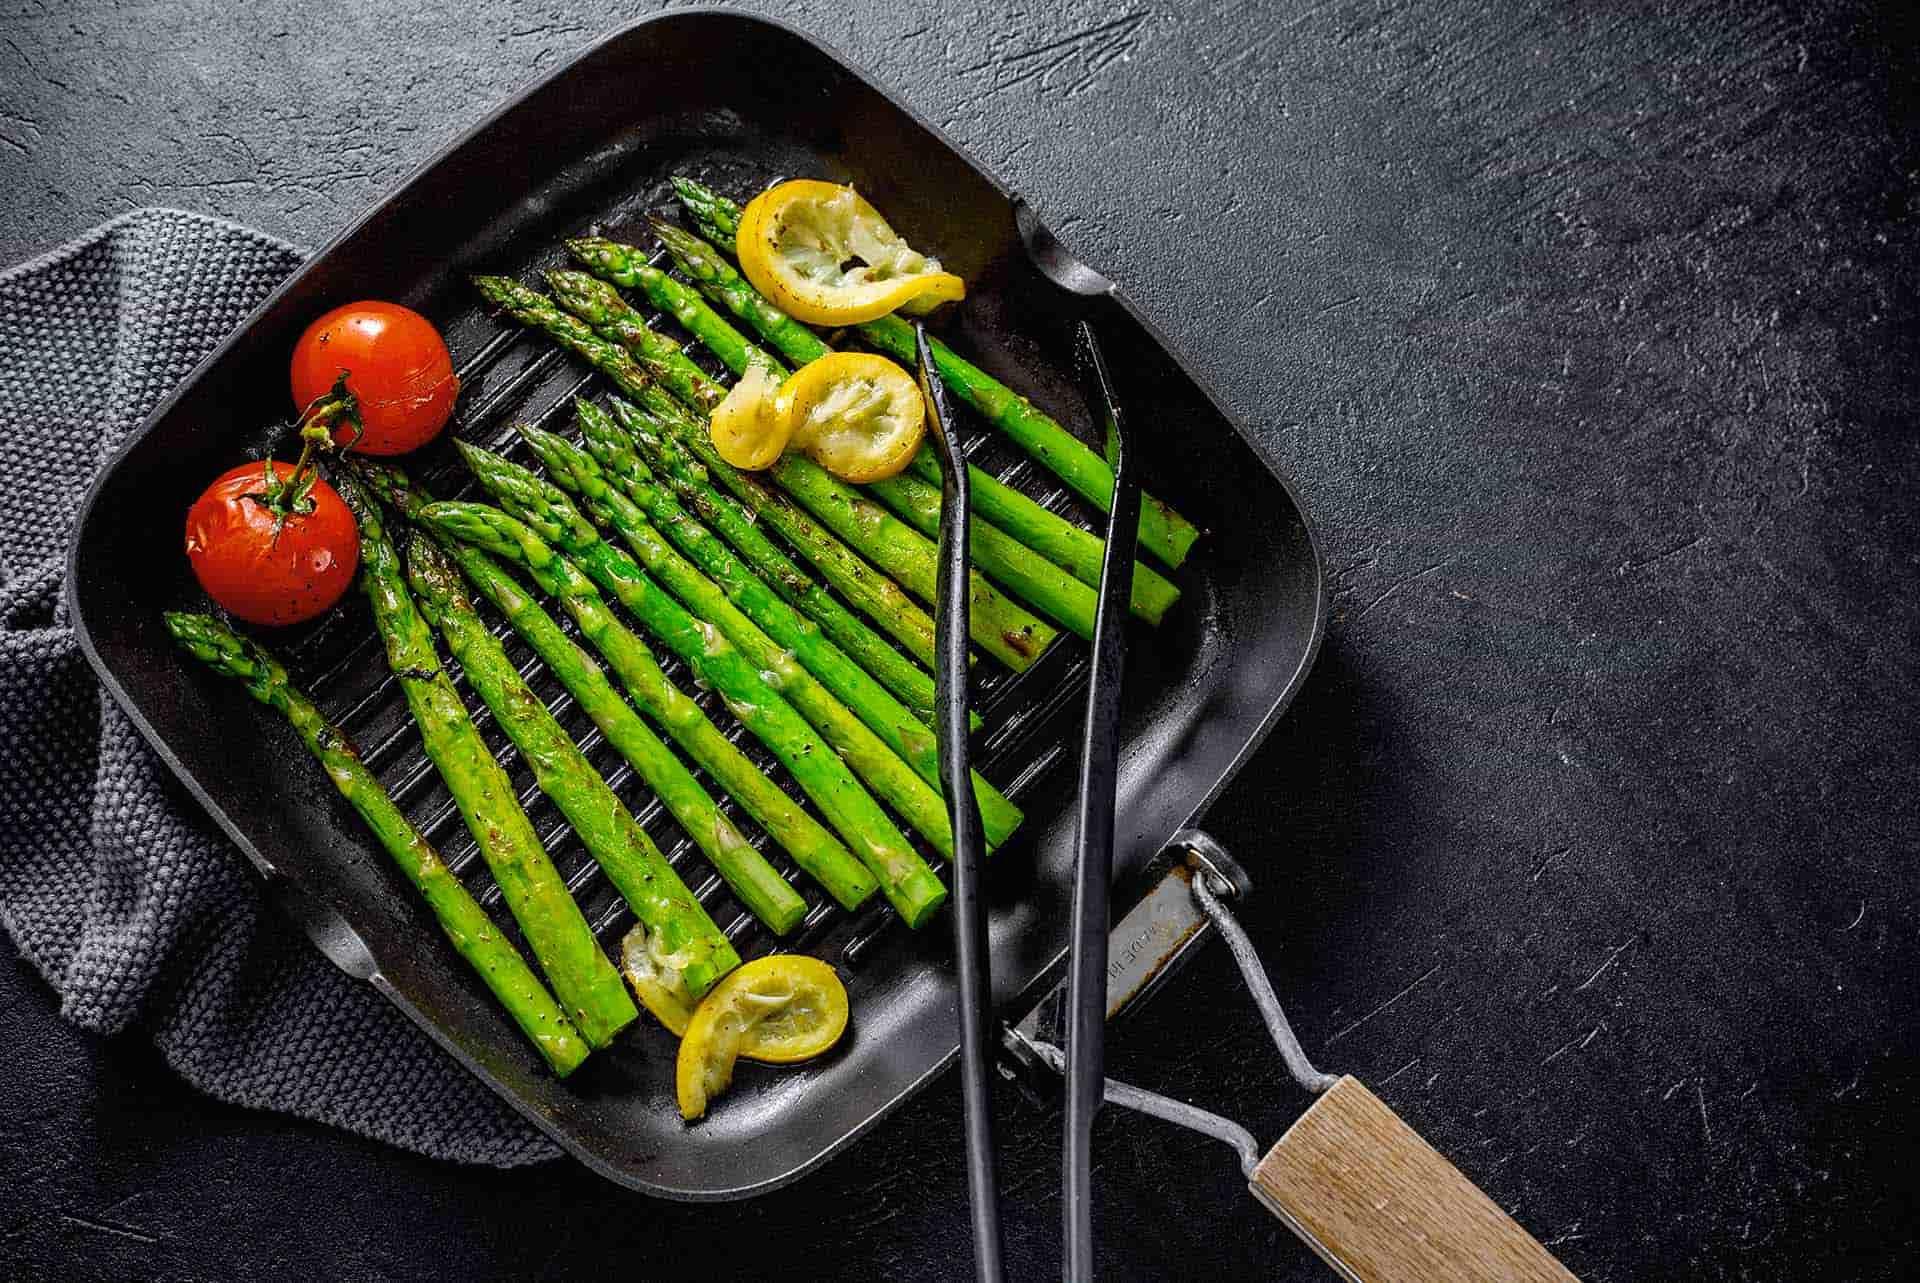 Kuşkonmaz Pişirmenin 5 Farklı ve Kolay Yolu